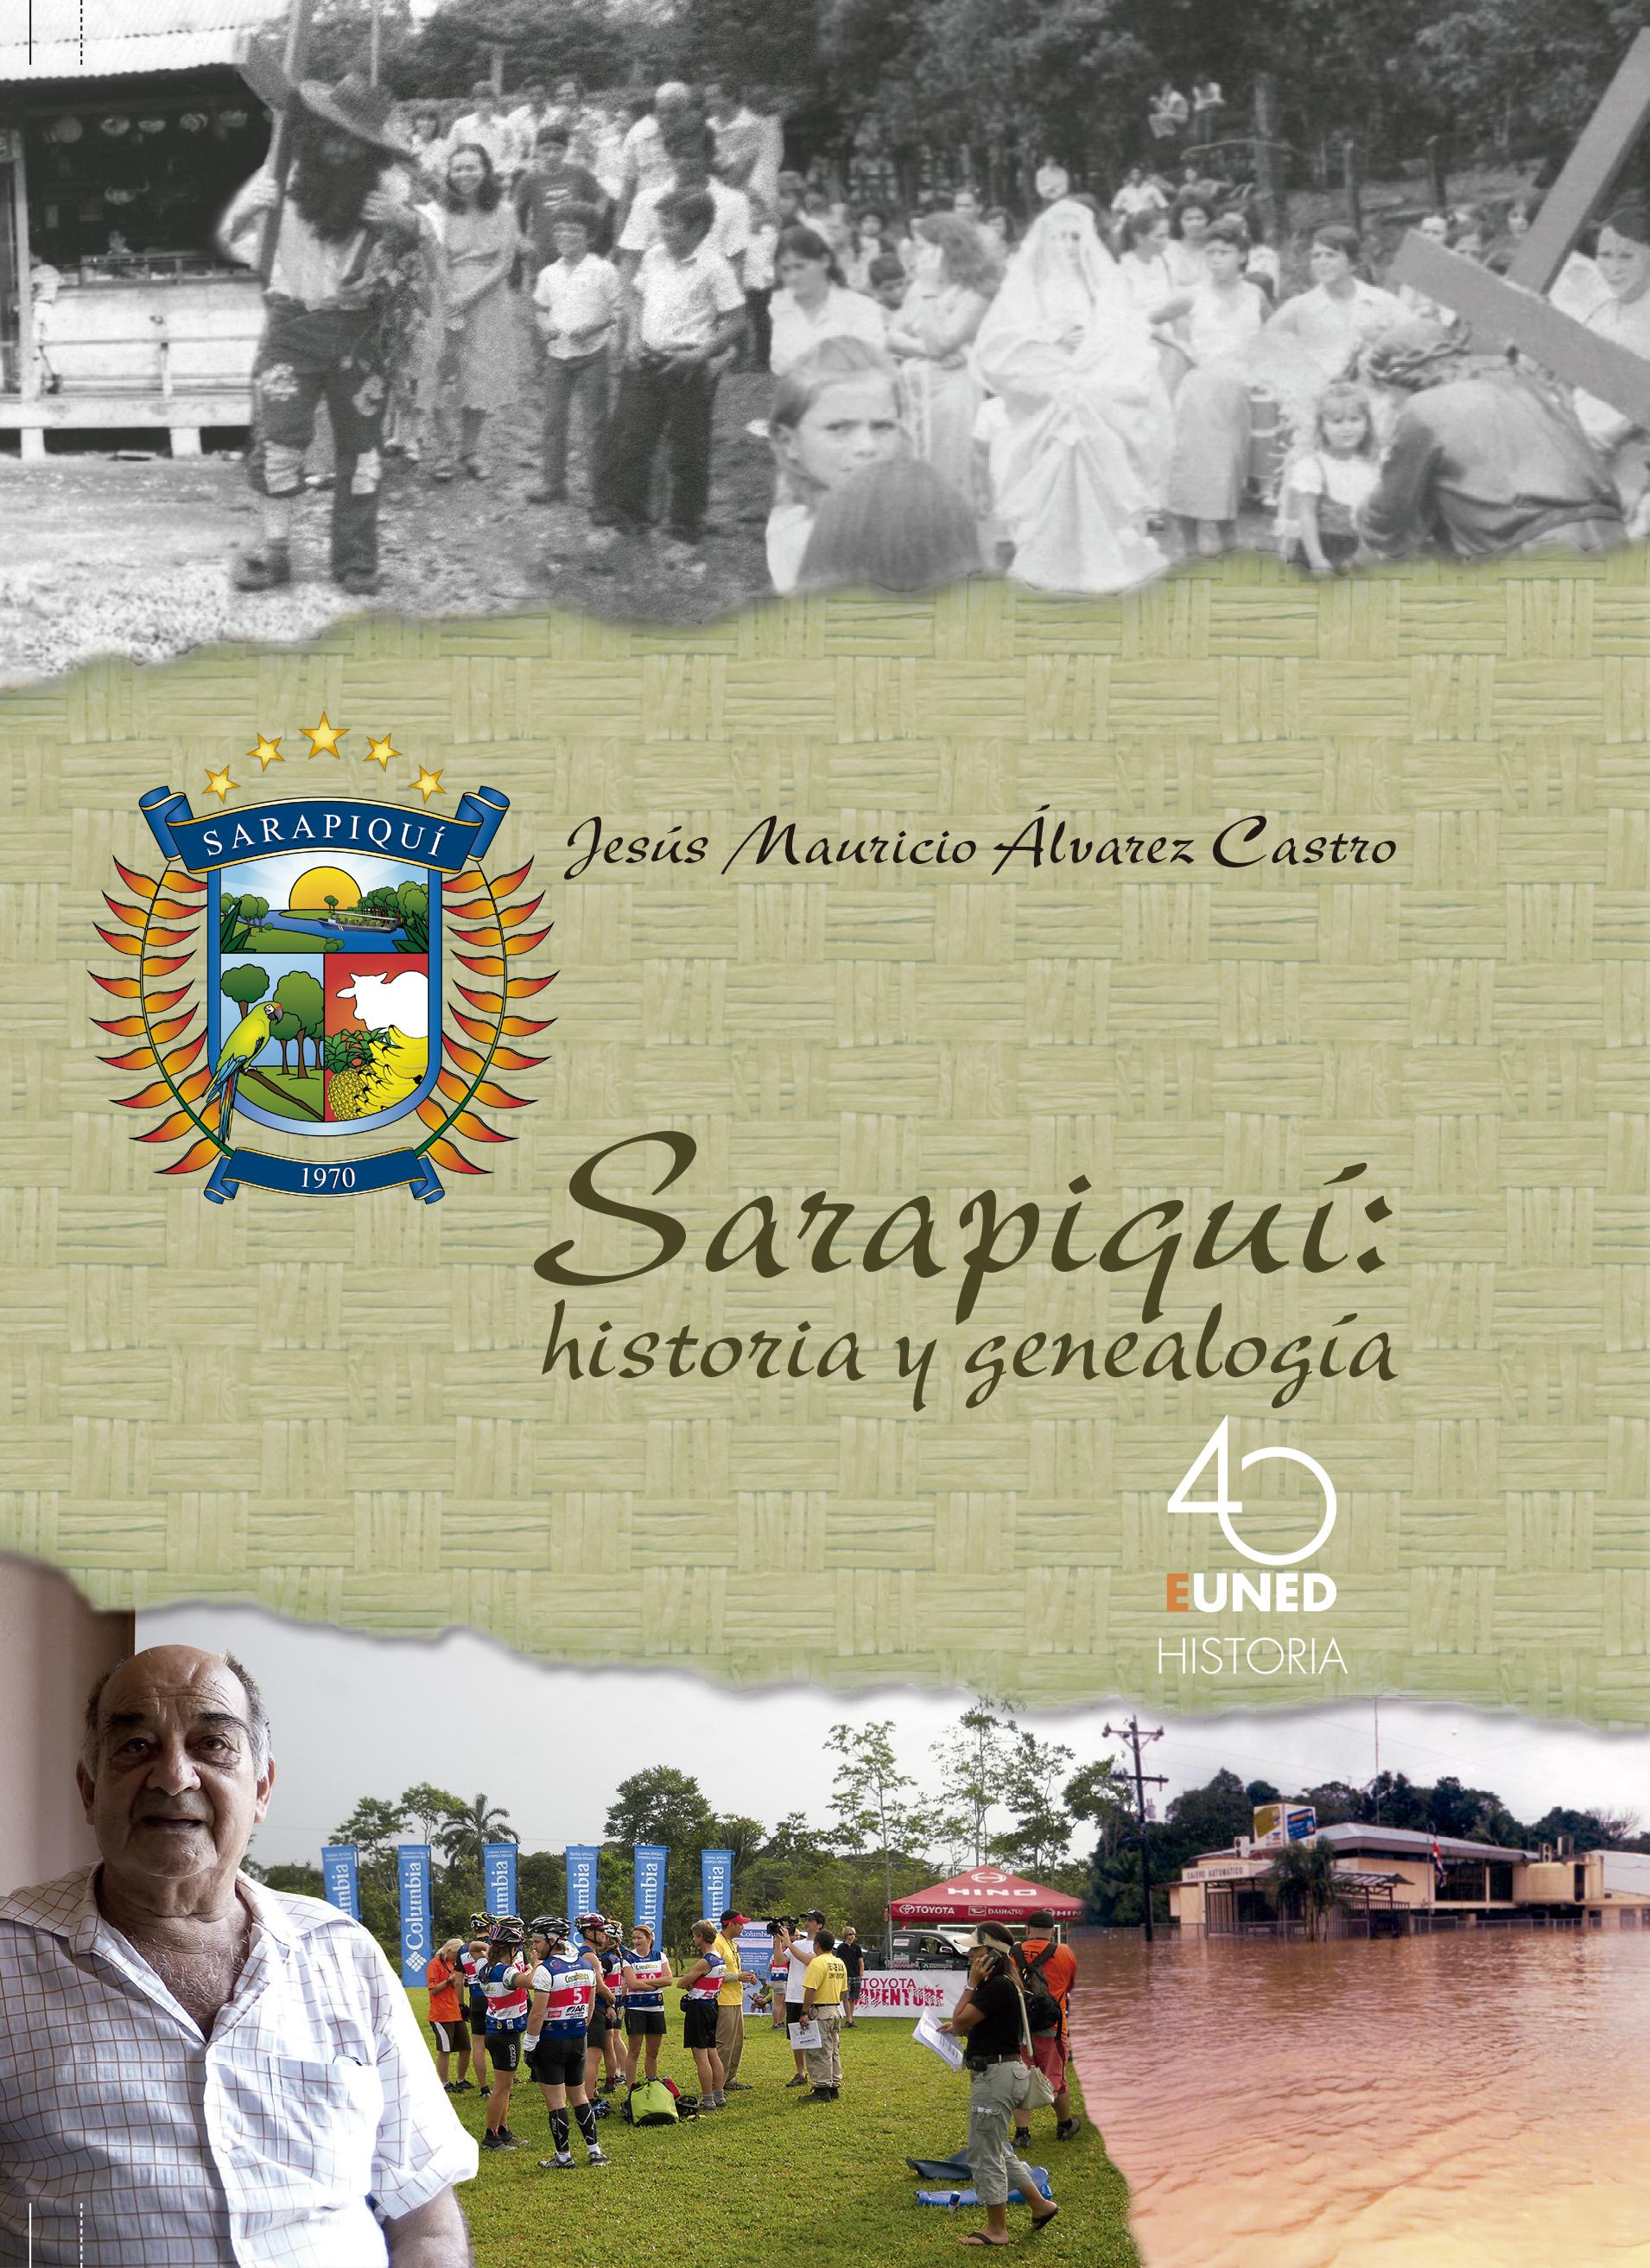 Sarapiquí, historia y genealogía